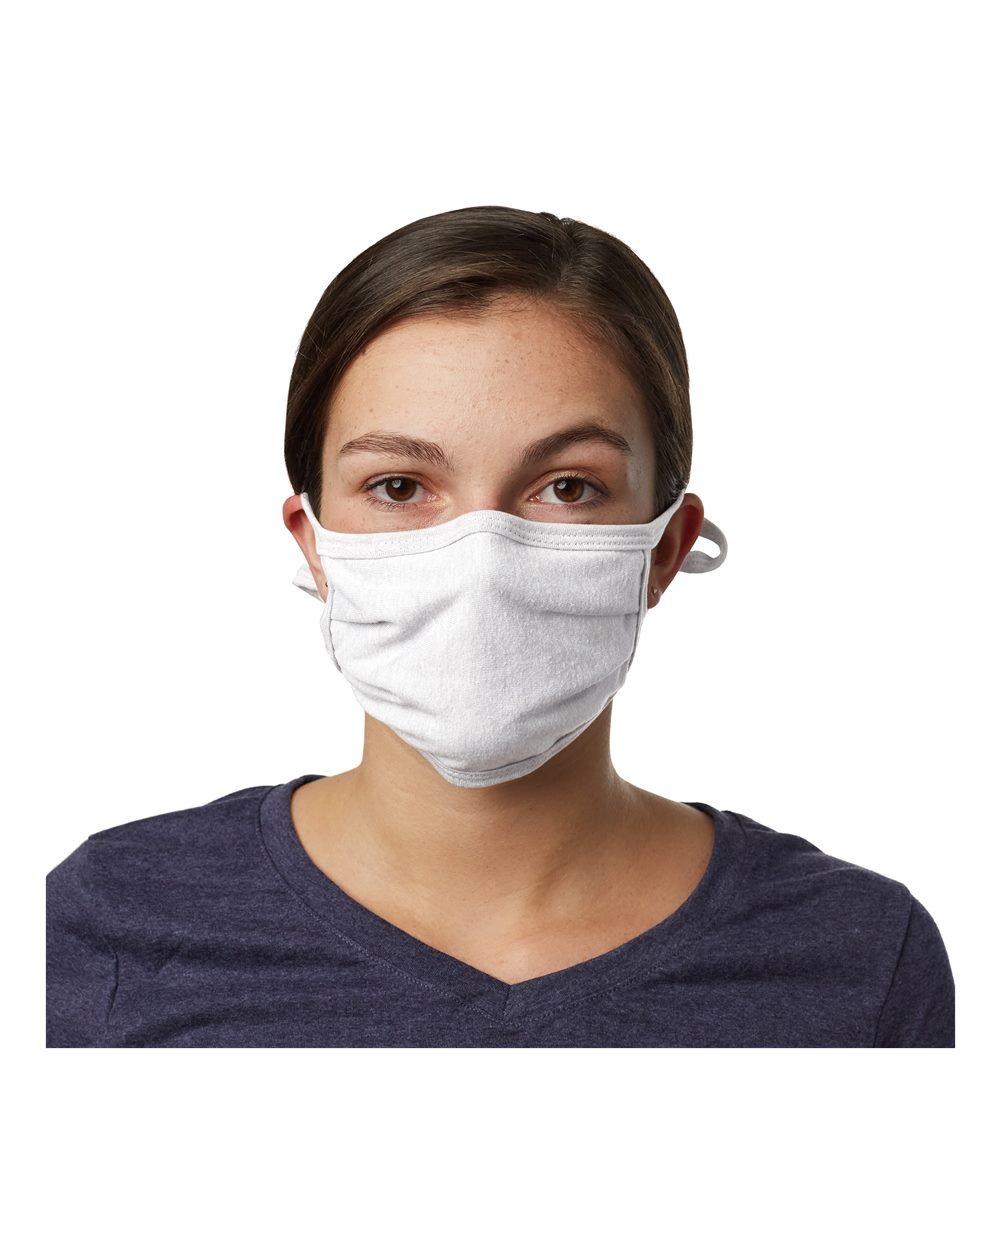 Hanes BMSKAR - X-Temp™ 2-Ply Adjustable Face Mask 5/pack